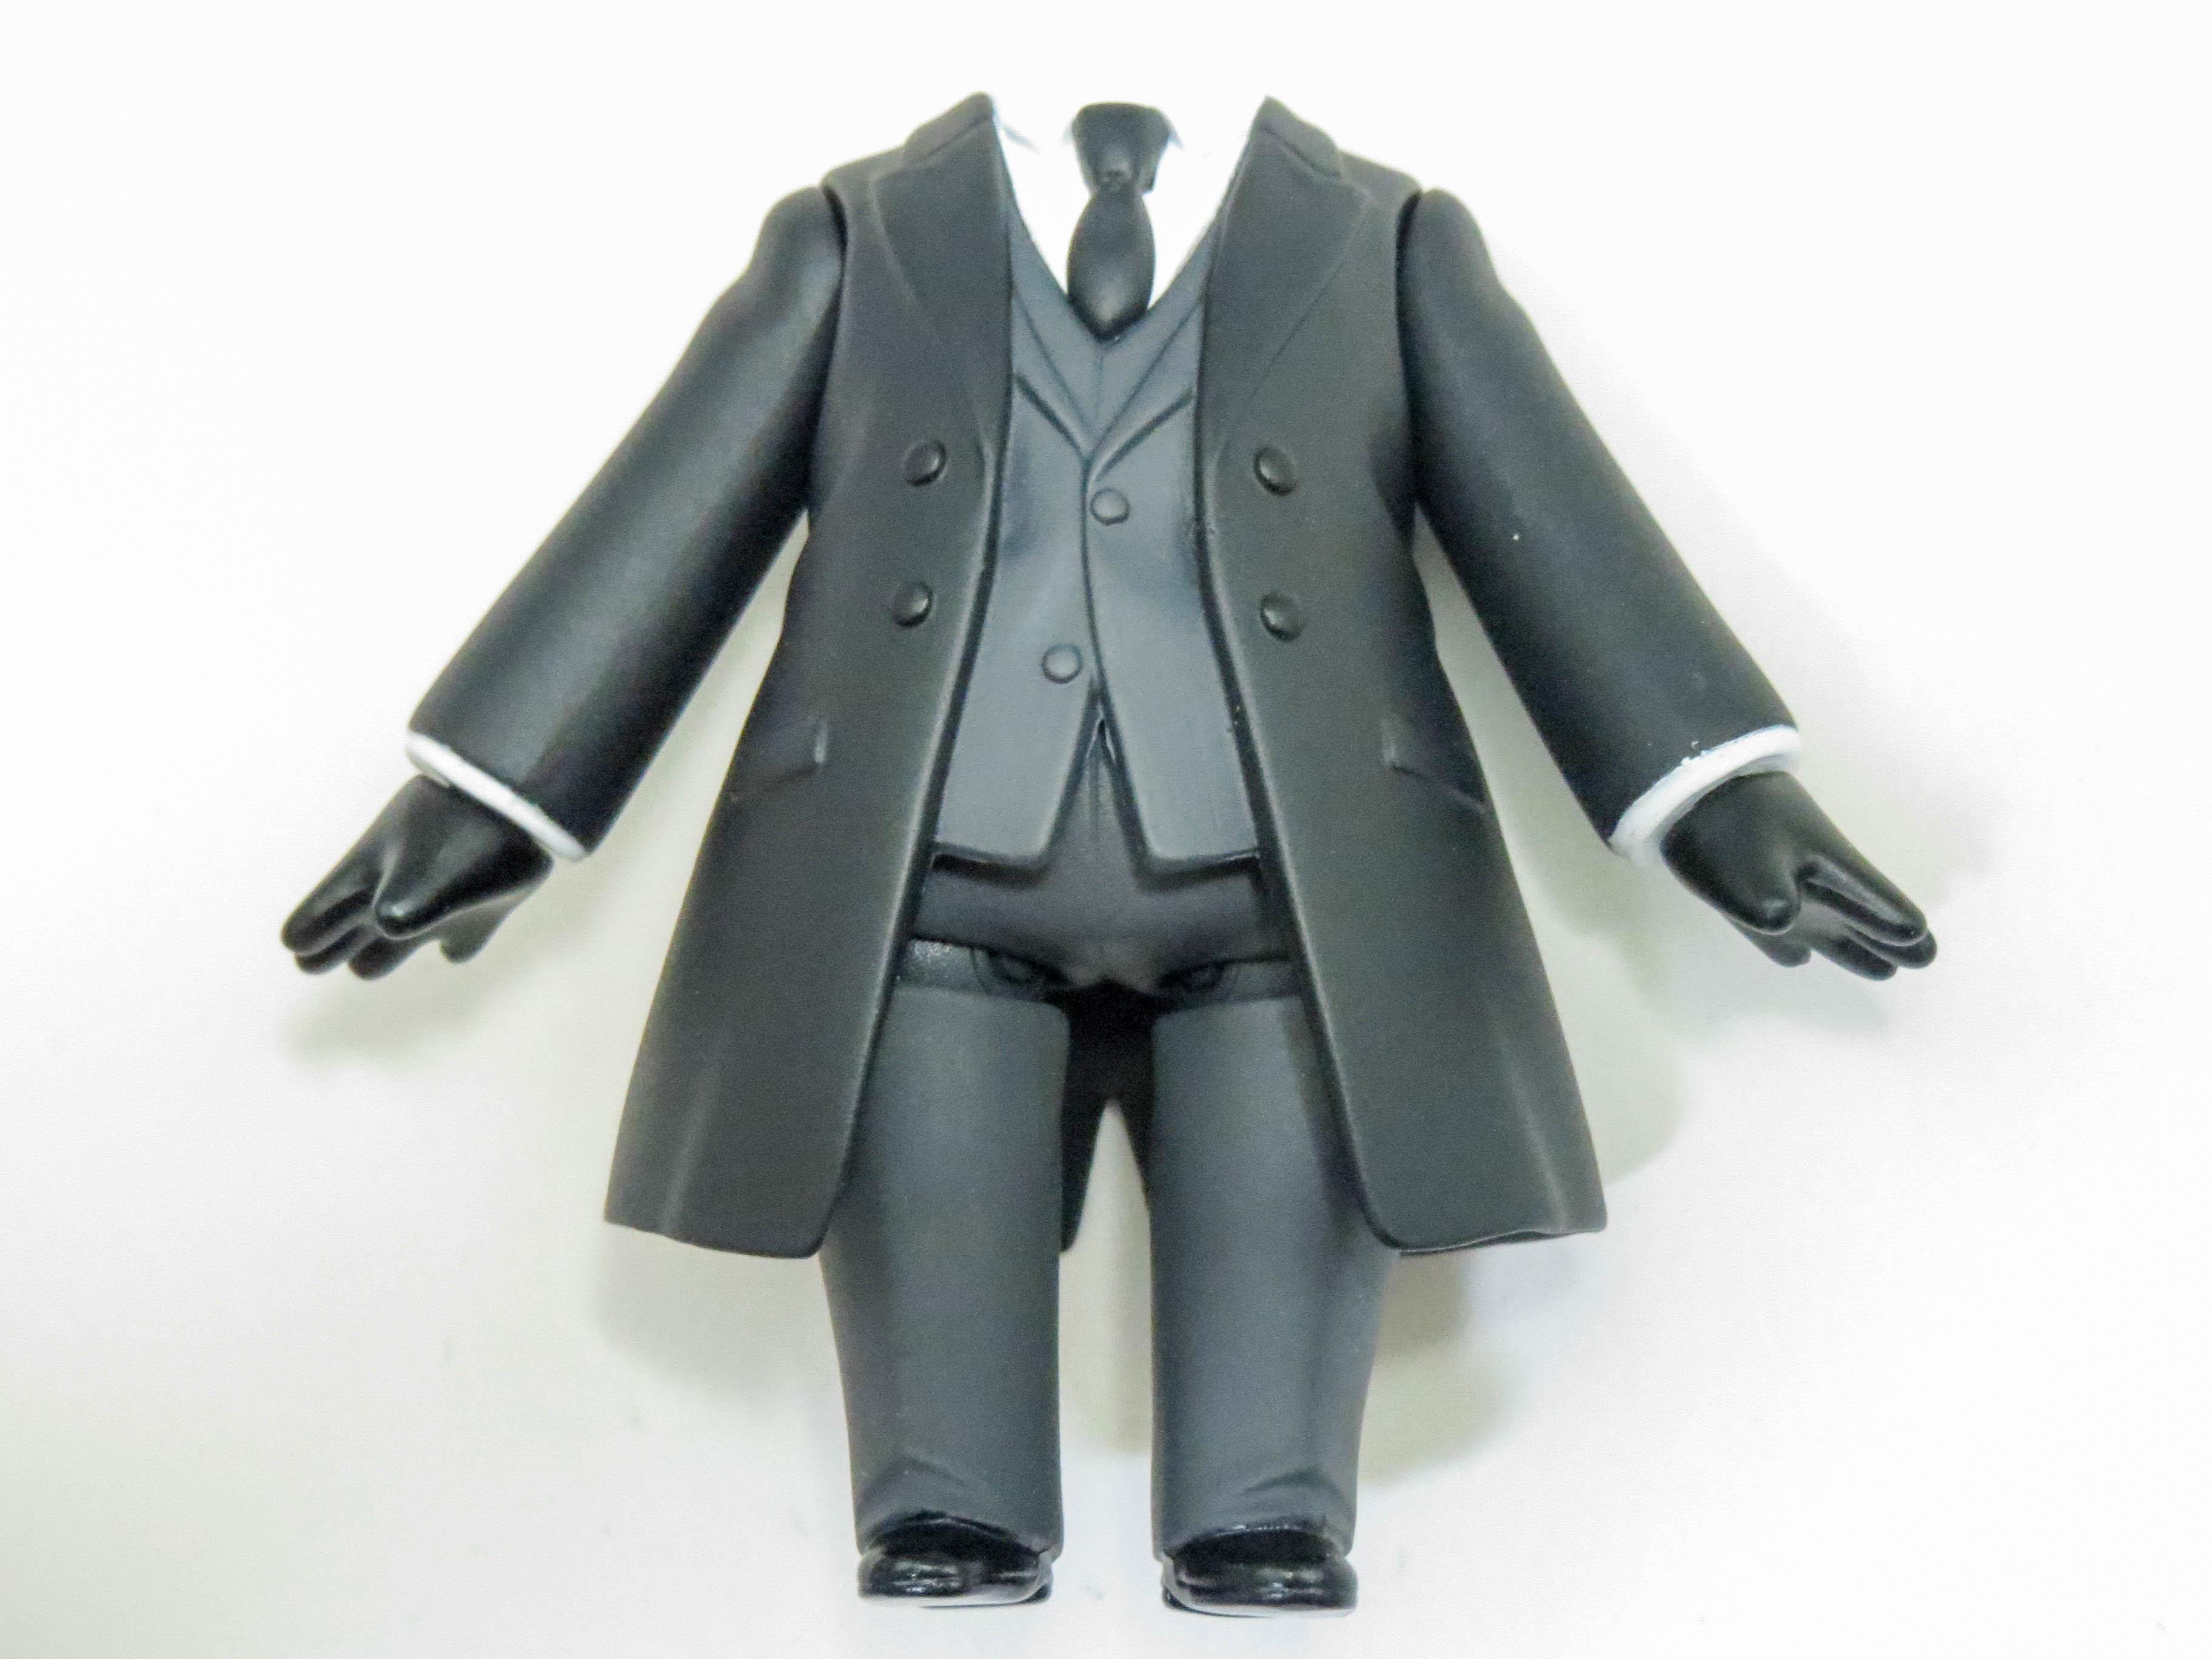 再入荷【865】 ヴィクトル・ニキフォロフ コーチVer. 体パーツ スーツ ねんどろいど